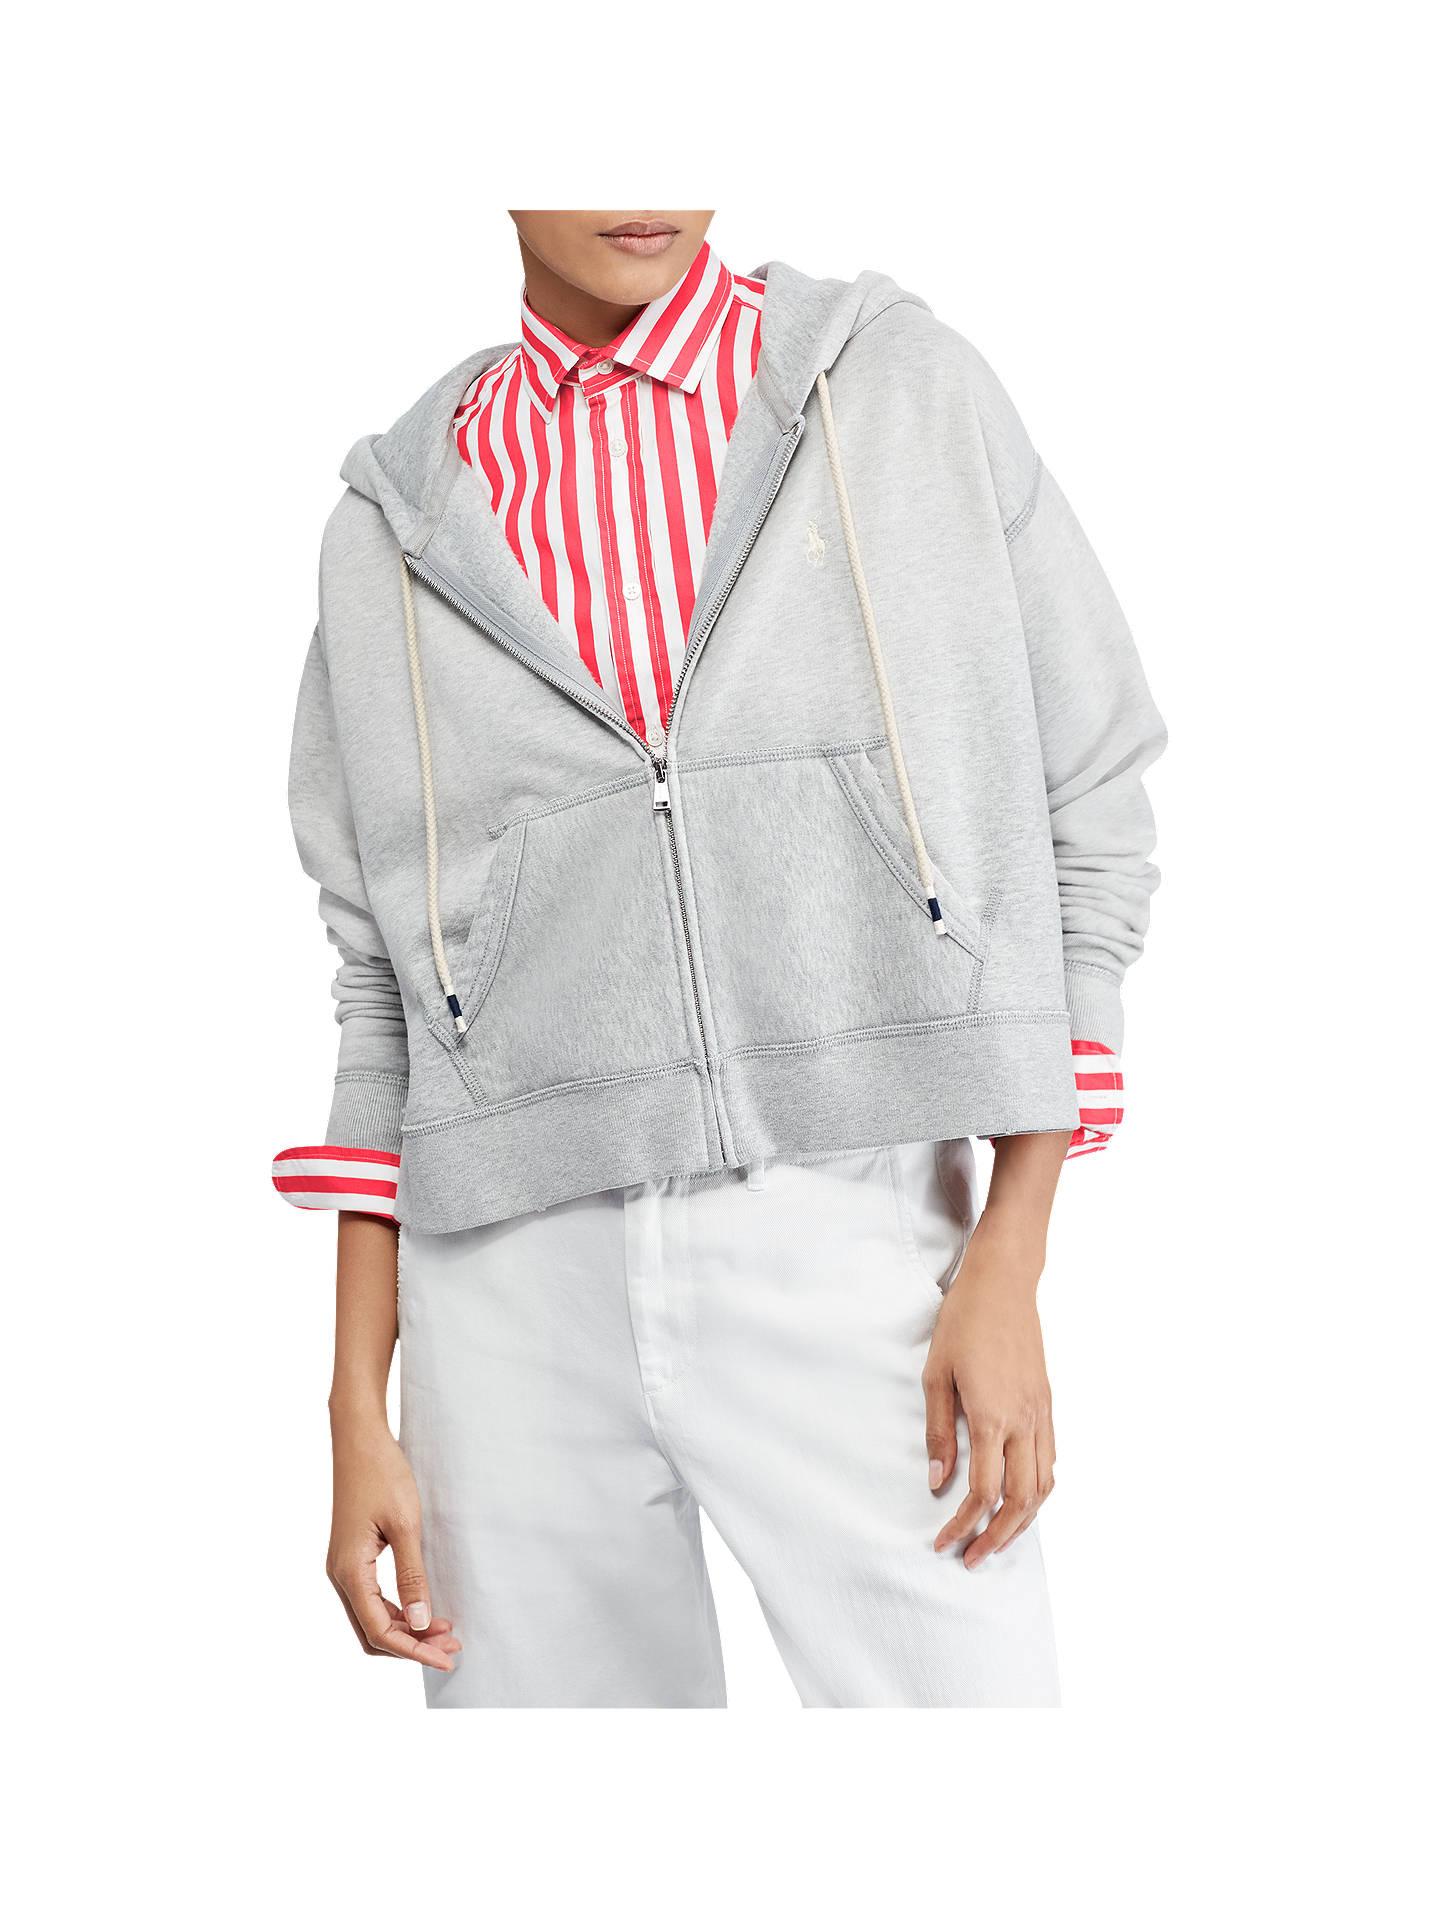 d5cab392e945b Buy Polo Ralph Lauren Cropped Fleece Full-Zip Hoodie